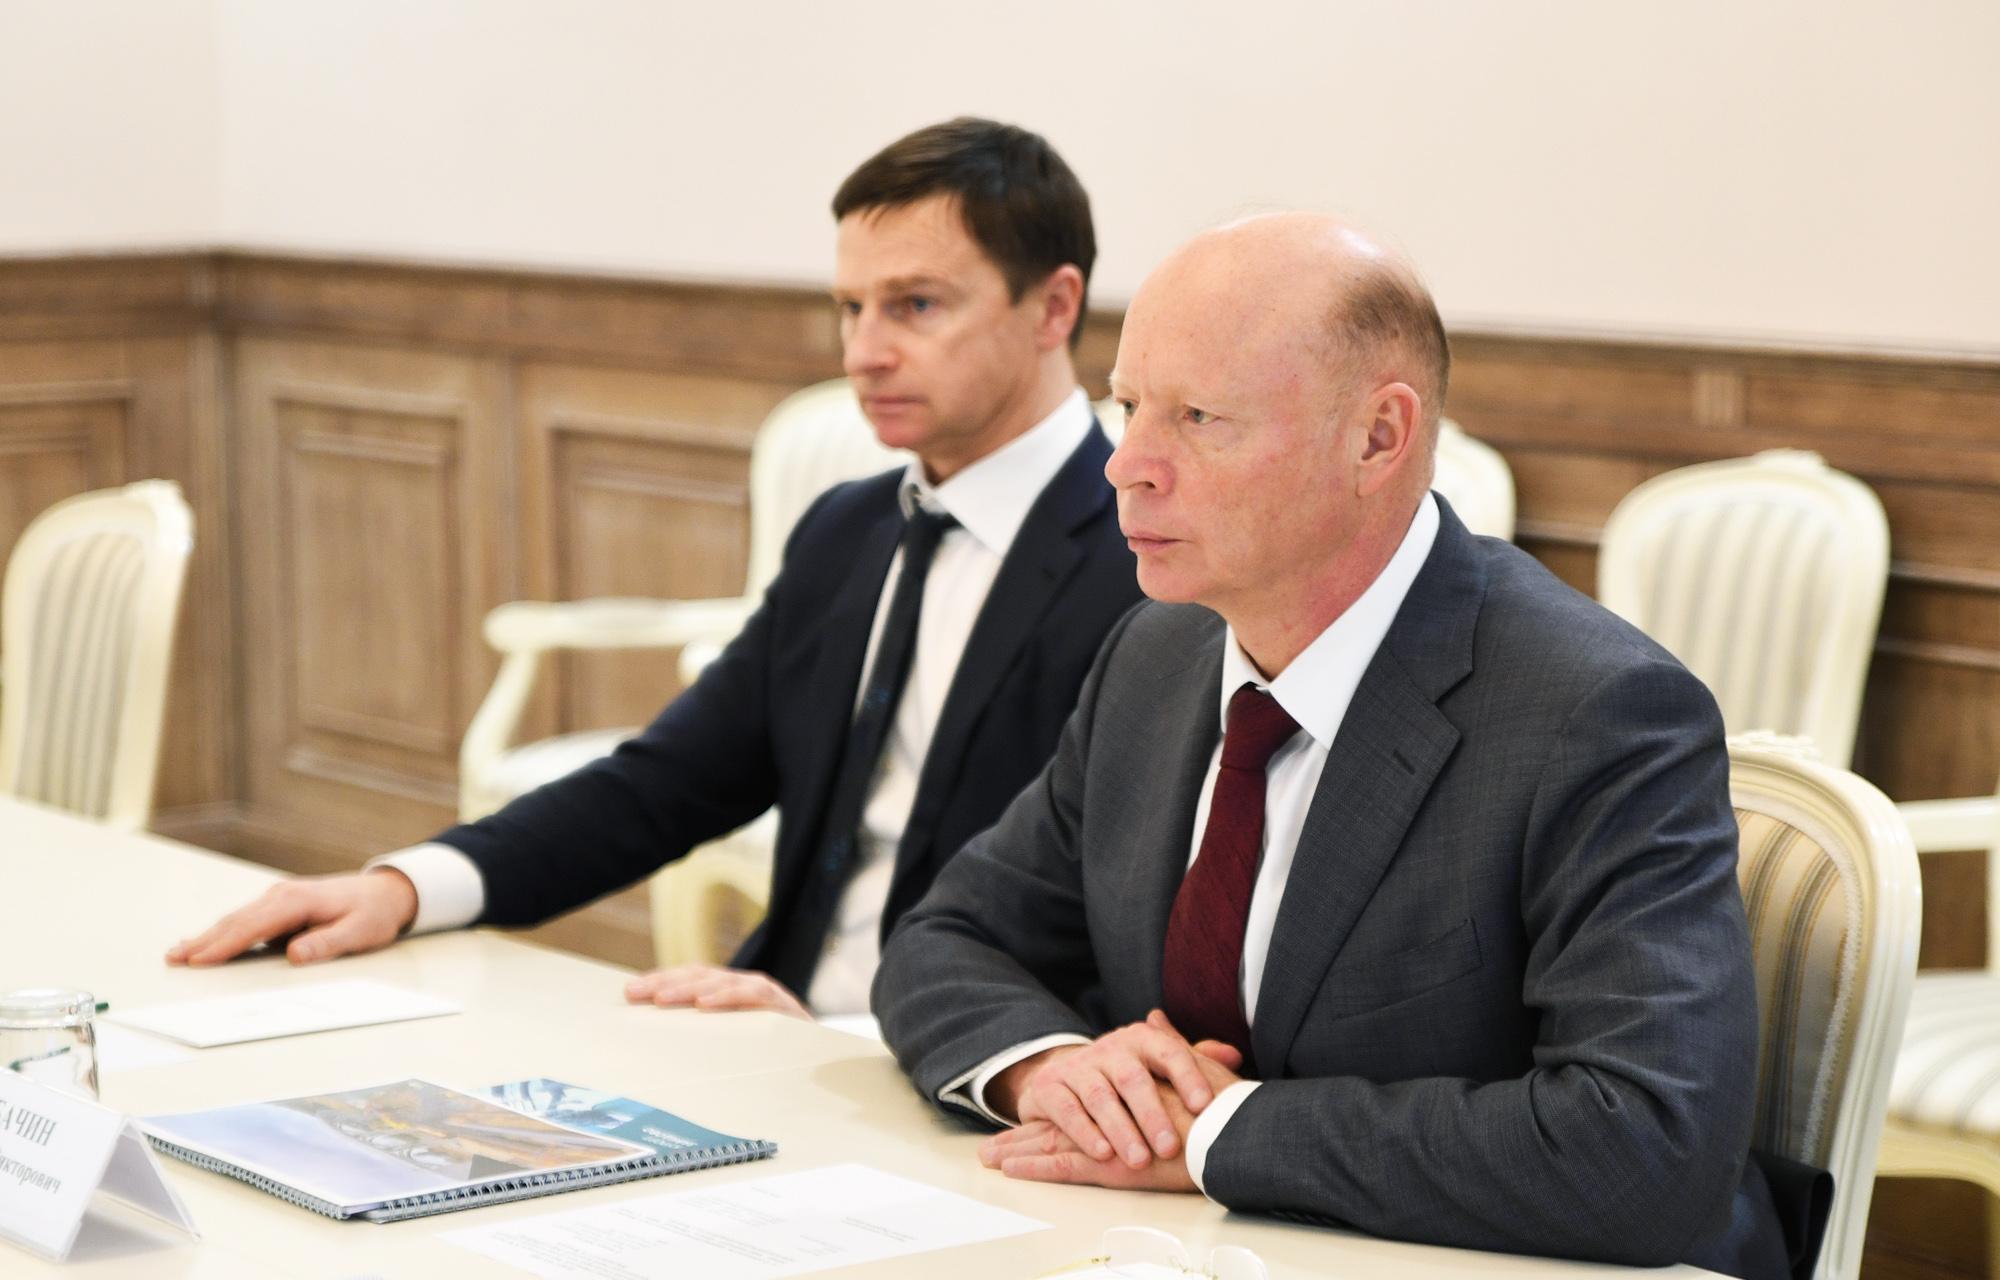 Строительство транспортно-пересадочного узла в Завидово обсудил Игорь Руденя с председателем Совета директоров ГК «Агранта» Сергеем Бачиным